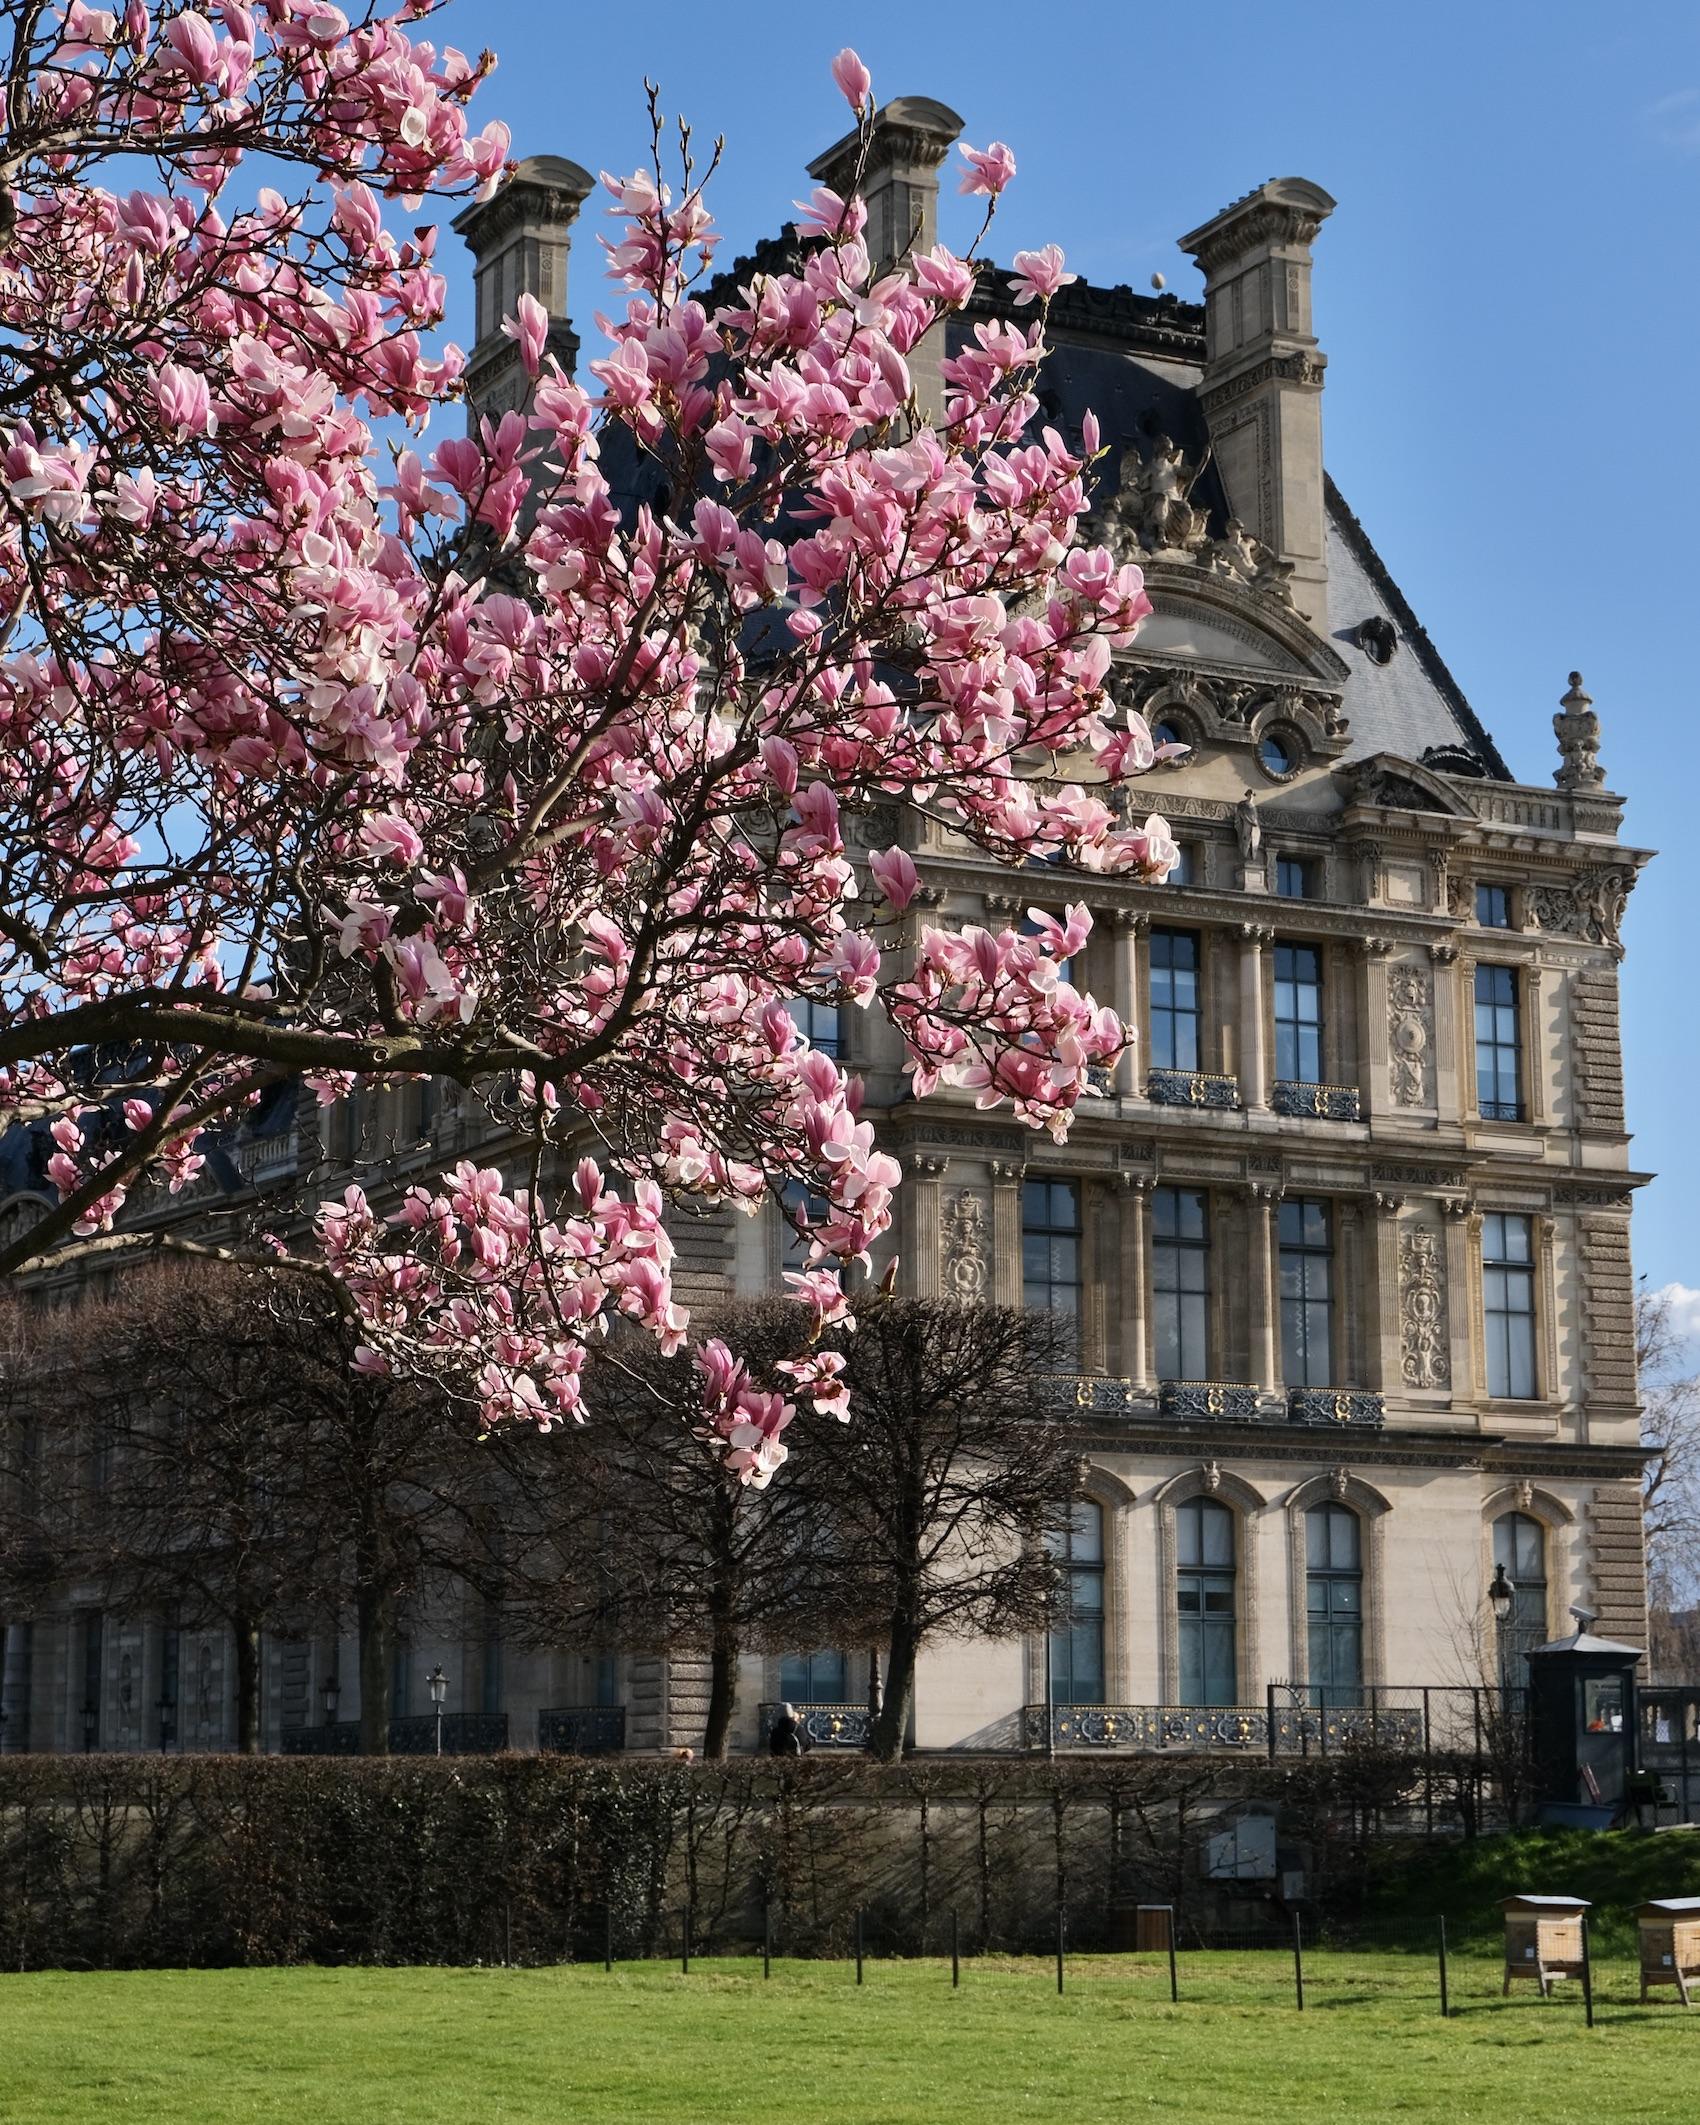 Tuileries Garden Magnolia blooms